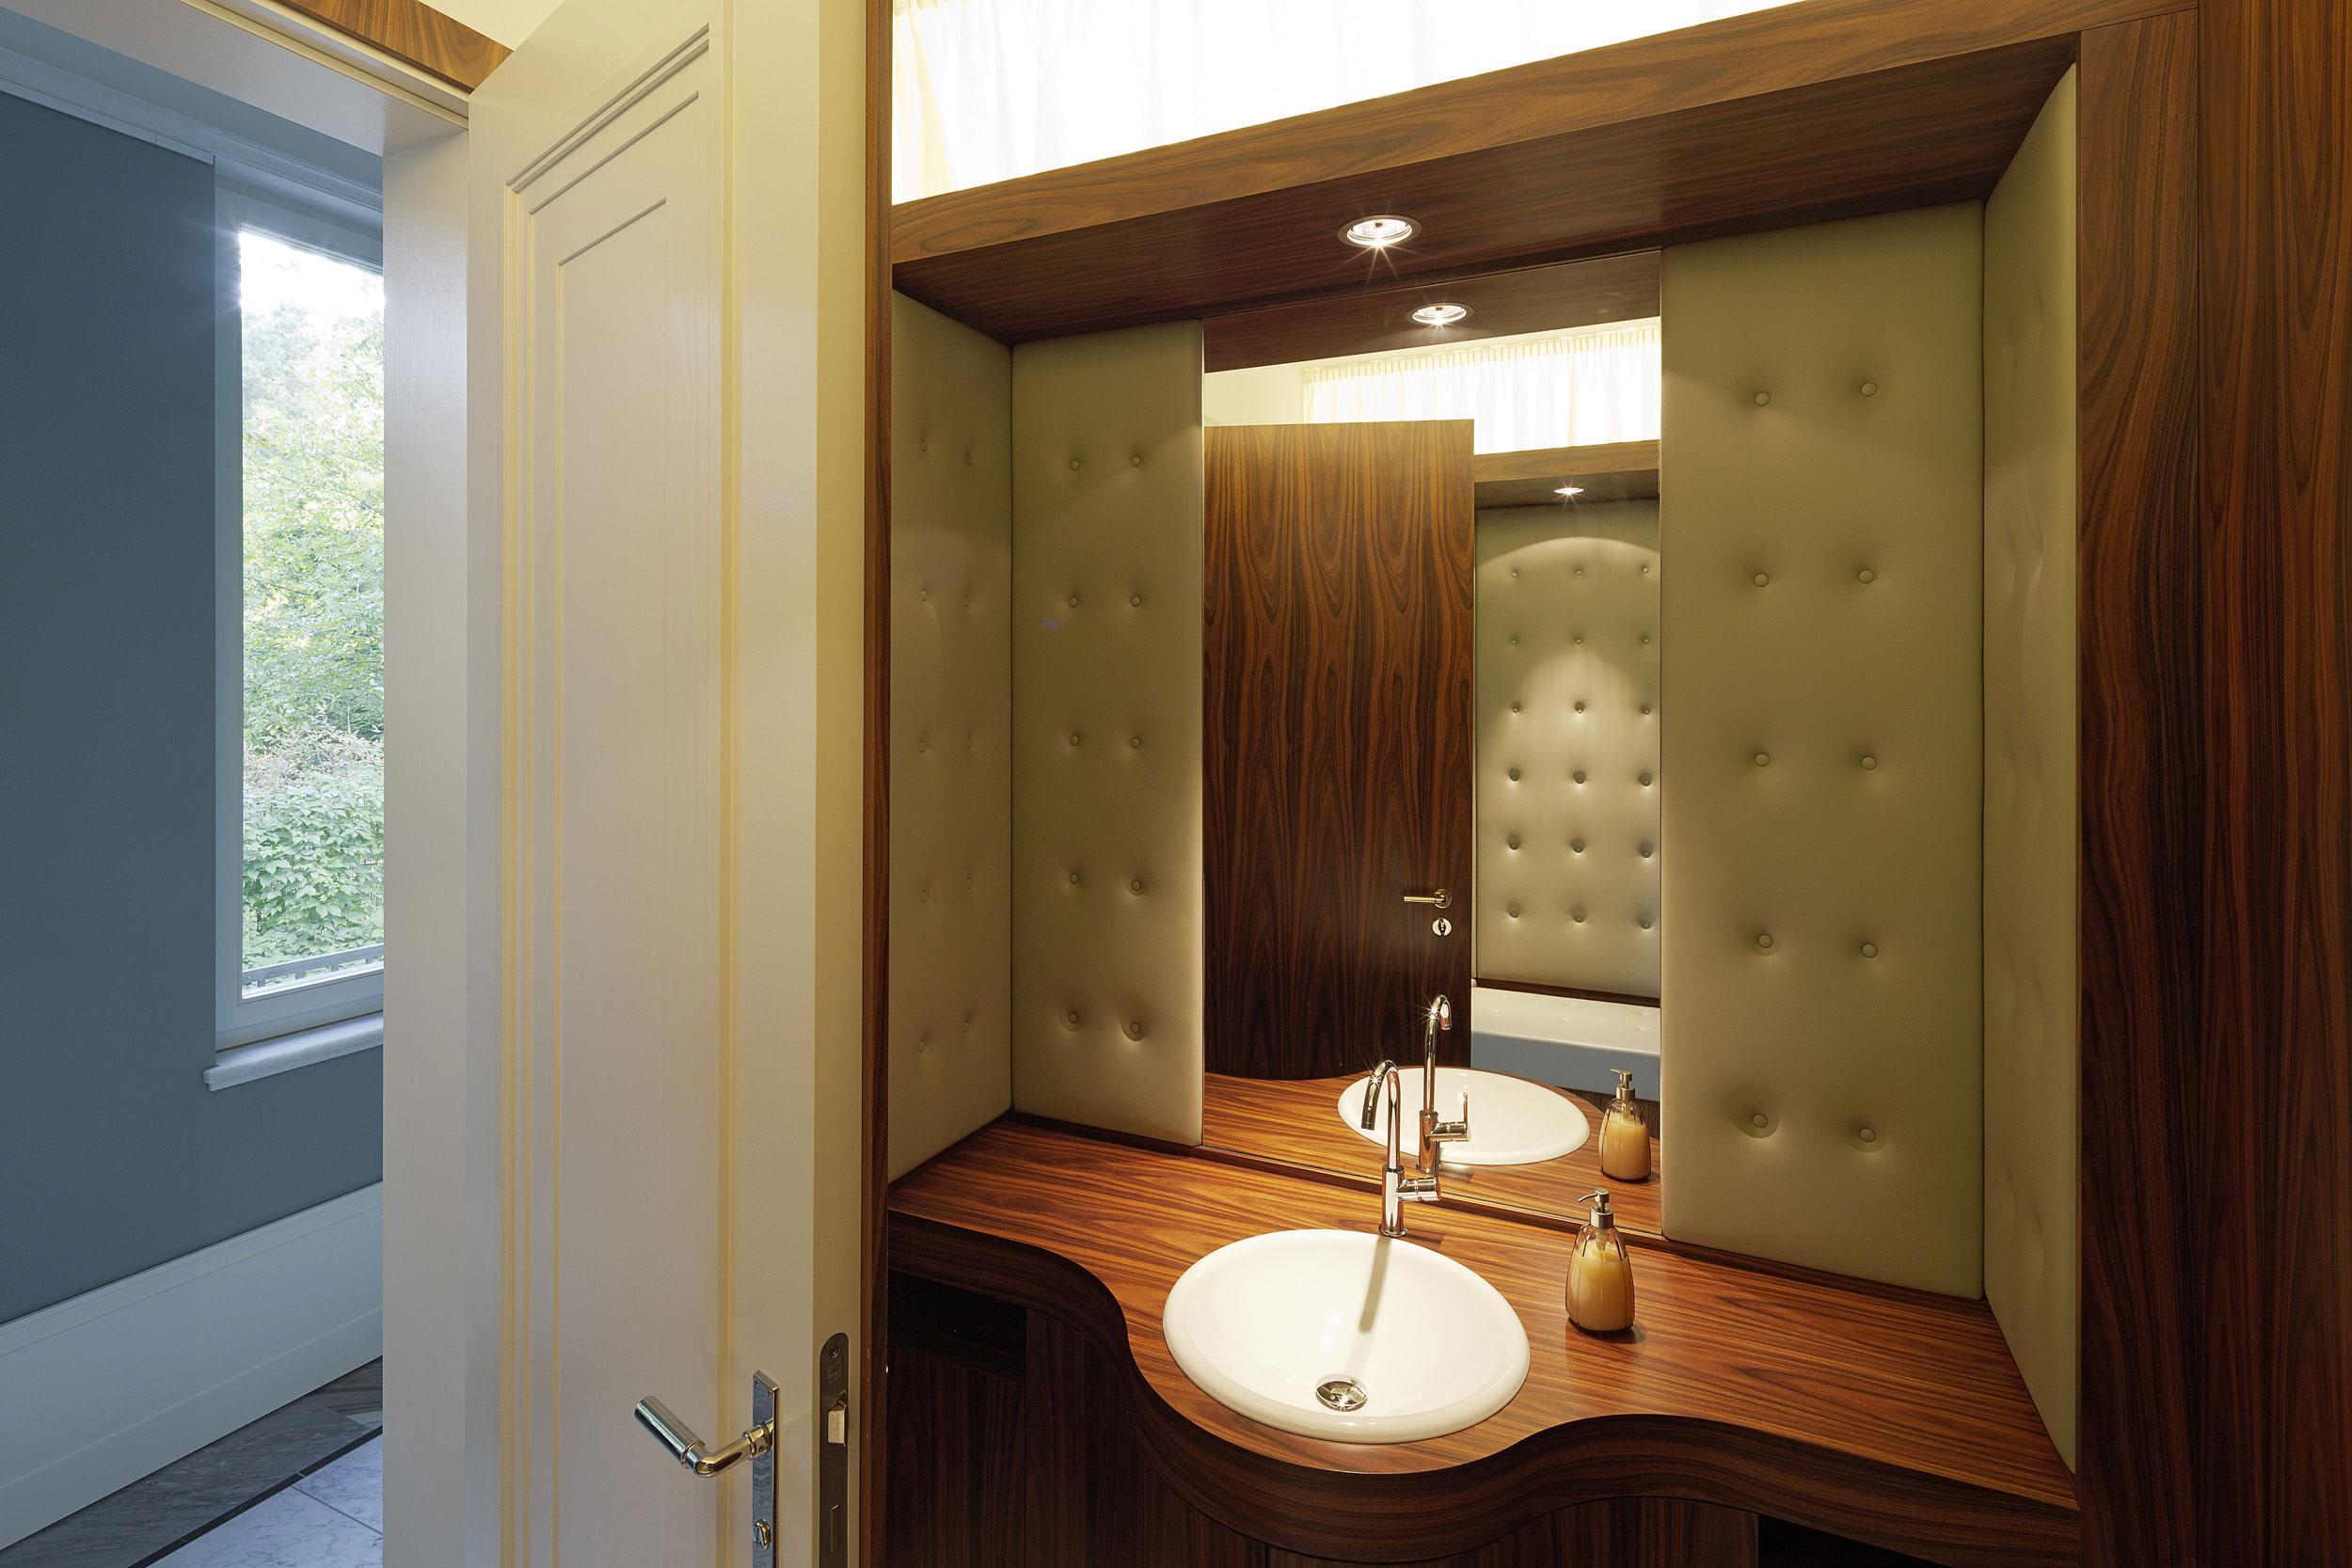 Neubau einer Villa im neoklassizistischen Stil - Das Gäste WC mit Lederpolsterungen und Wandvertäfelungen aus Palisanderholz